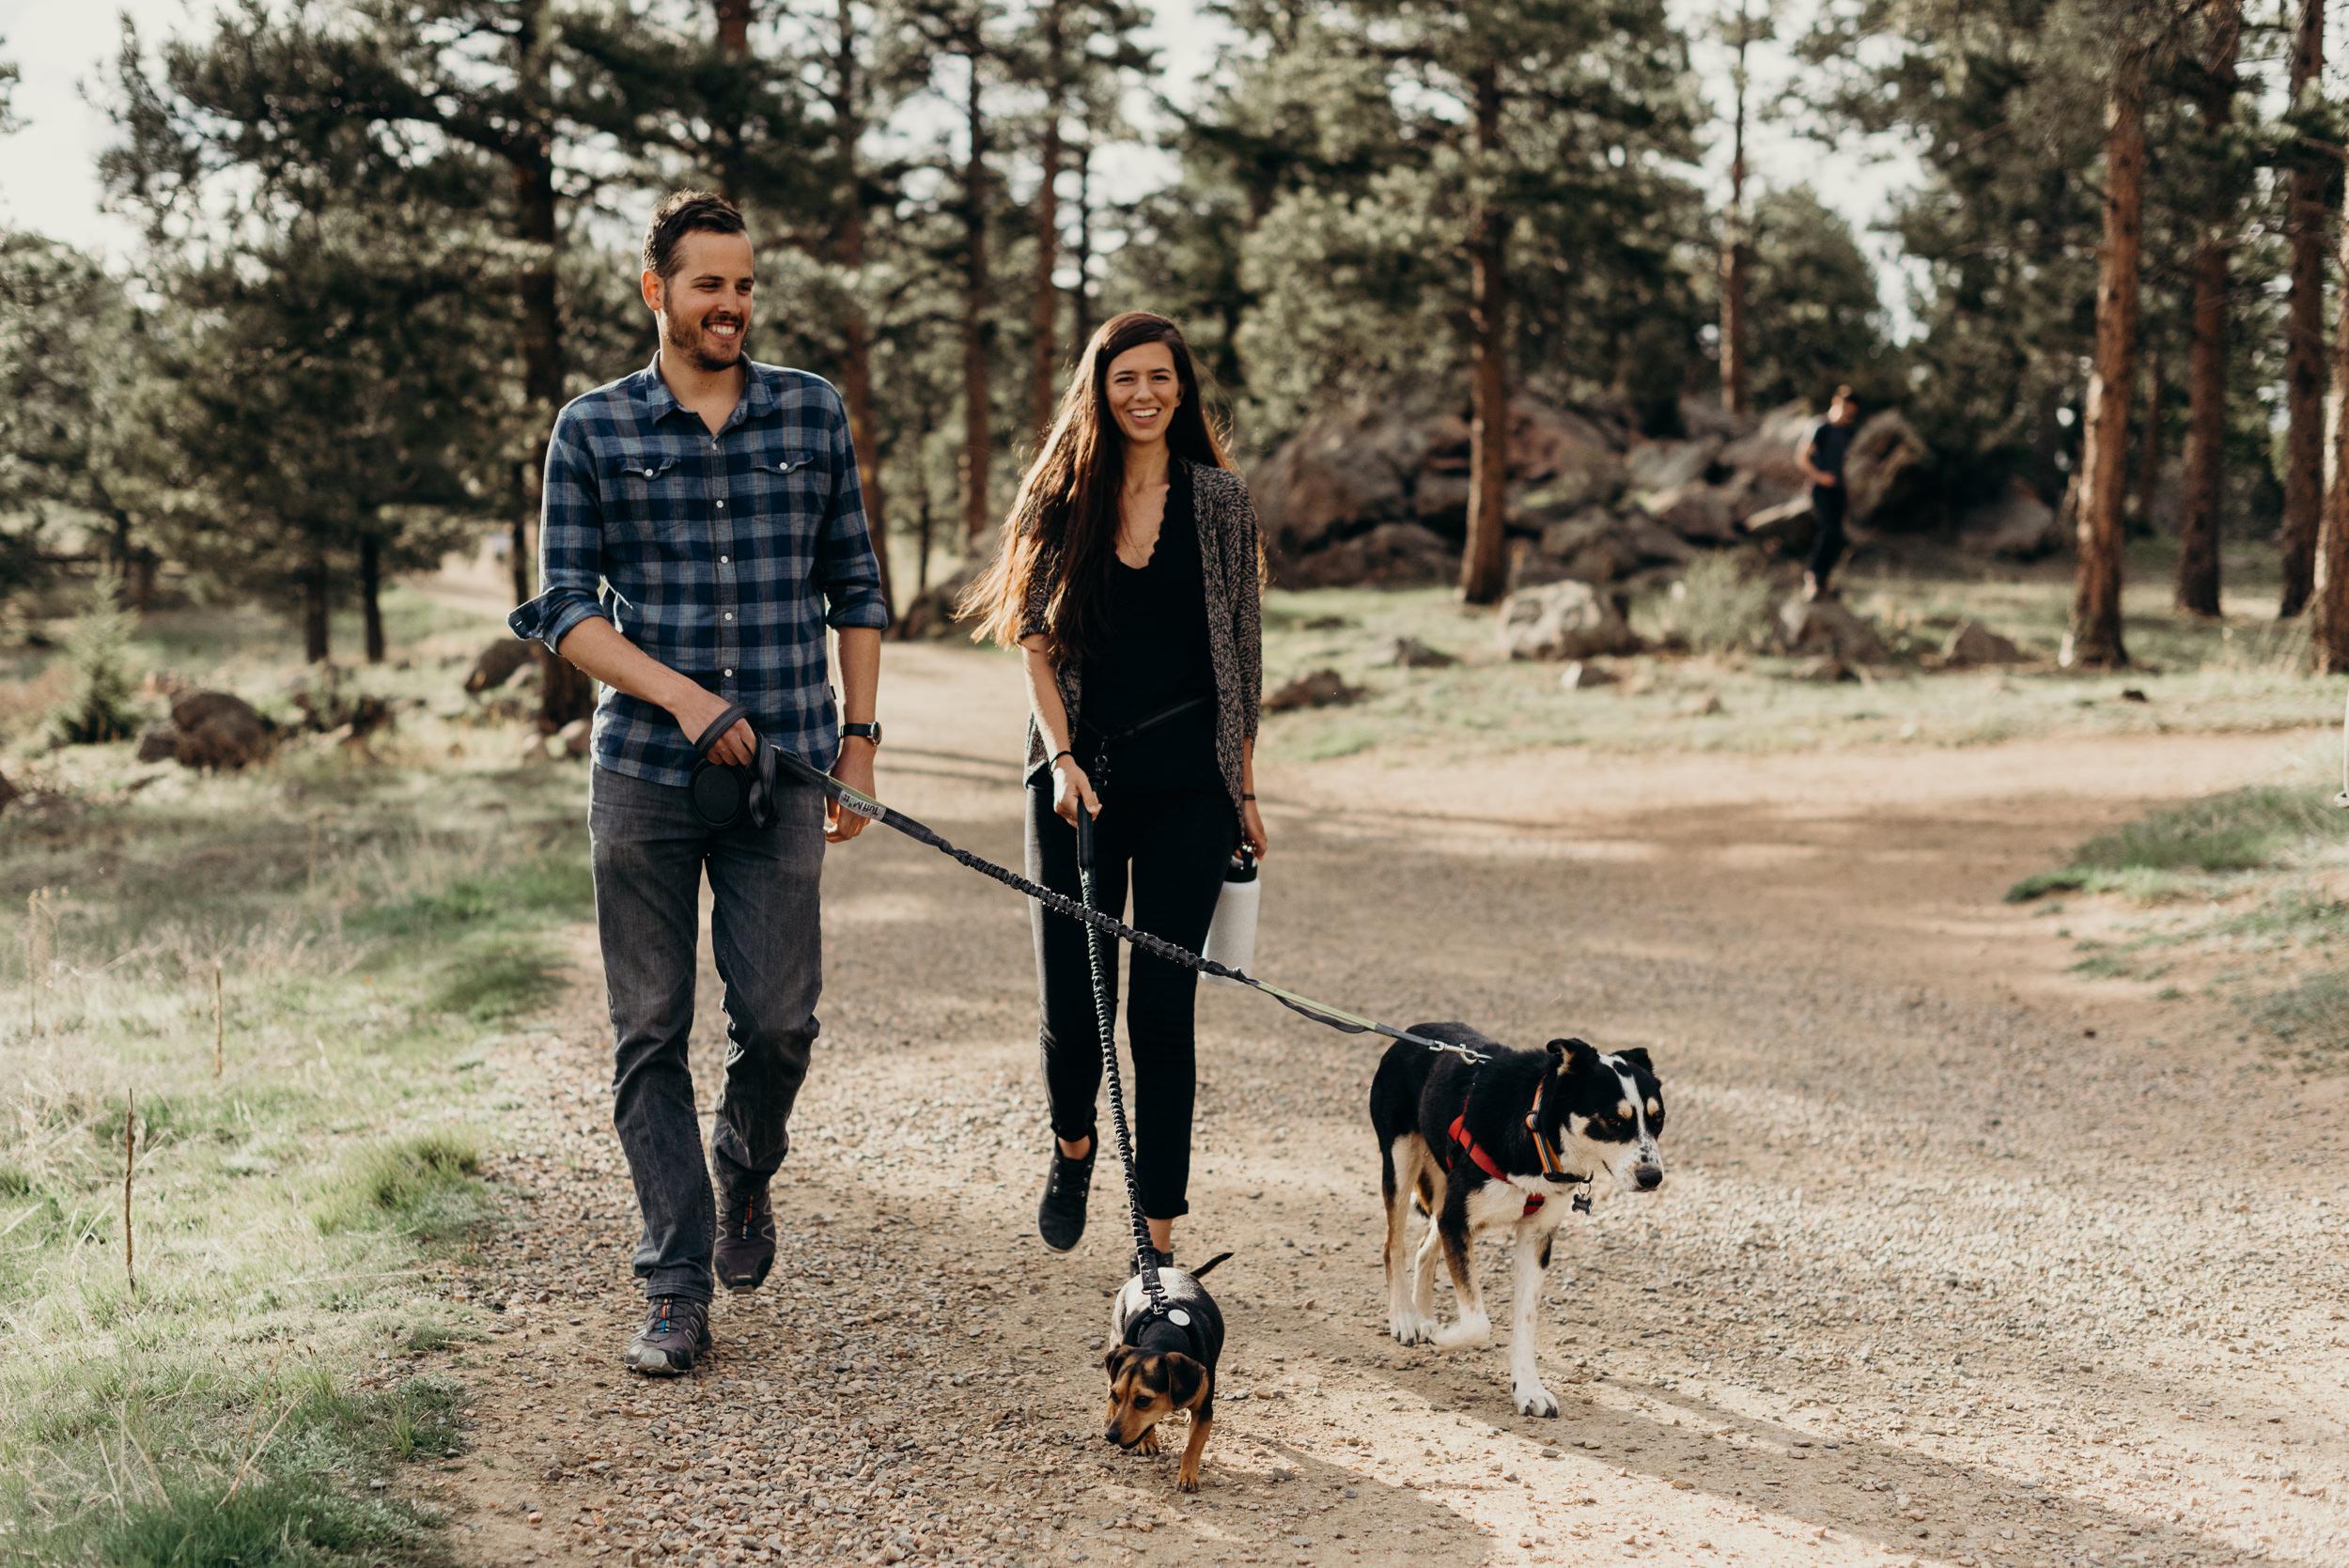 tips-bringing-dog-engagement-photo-session-trail-hike